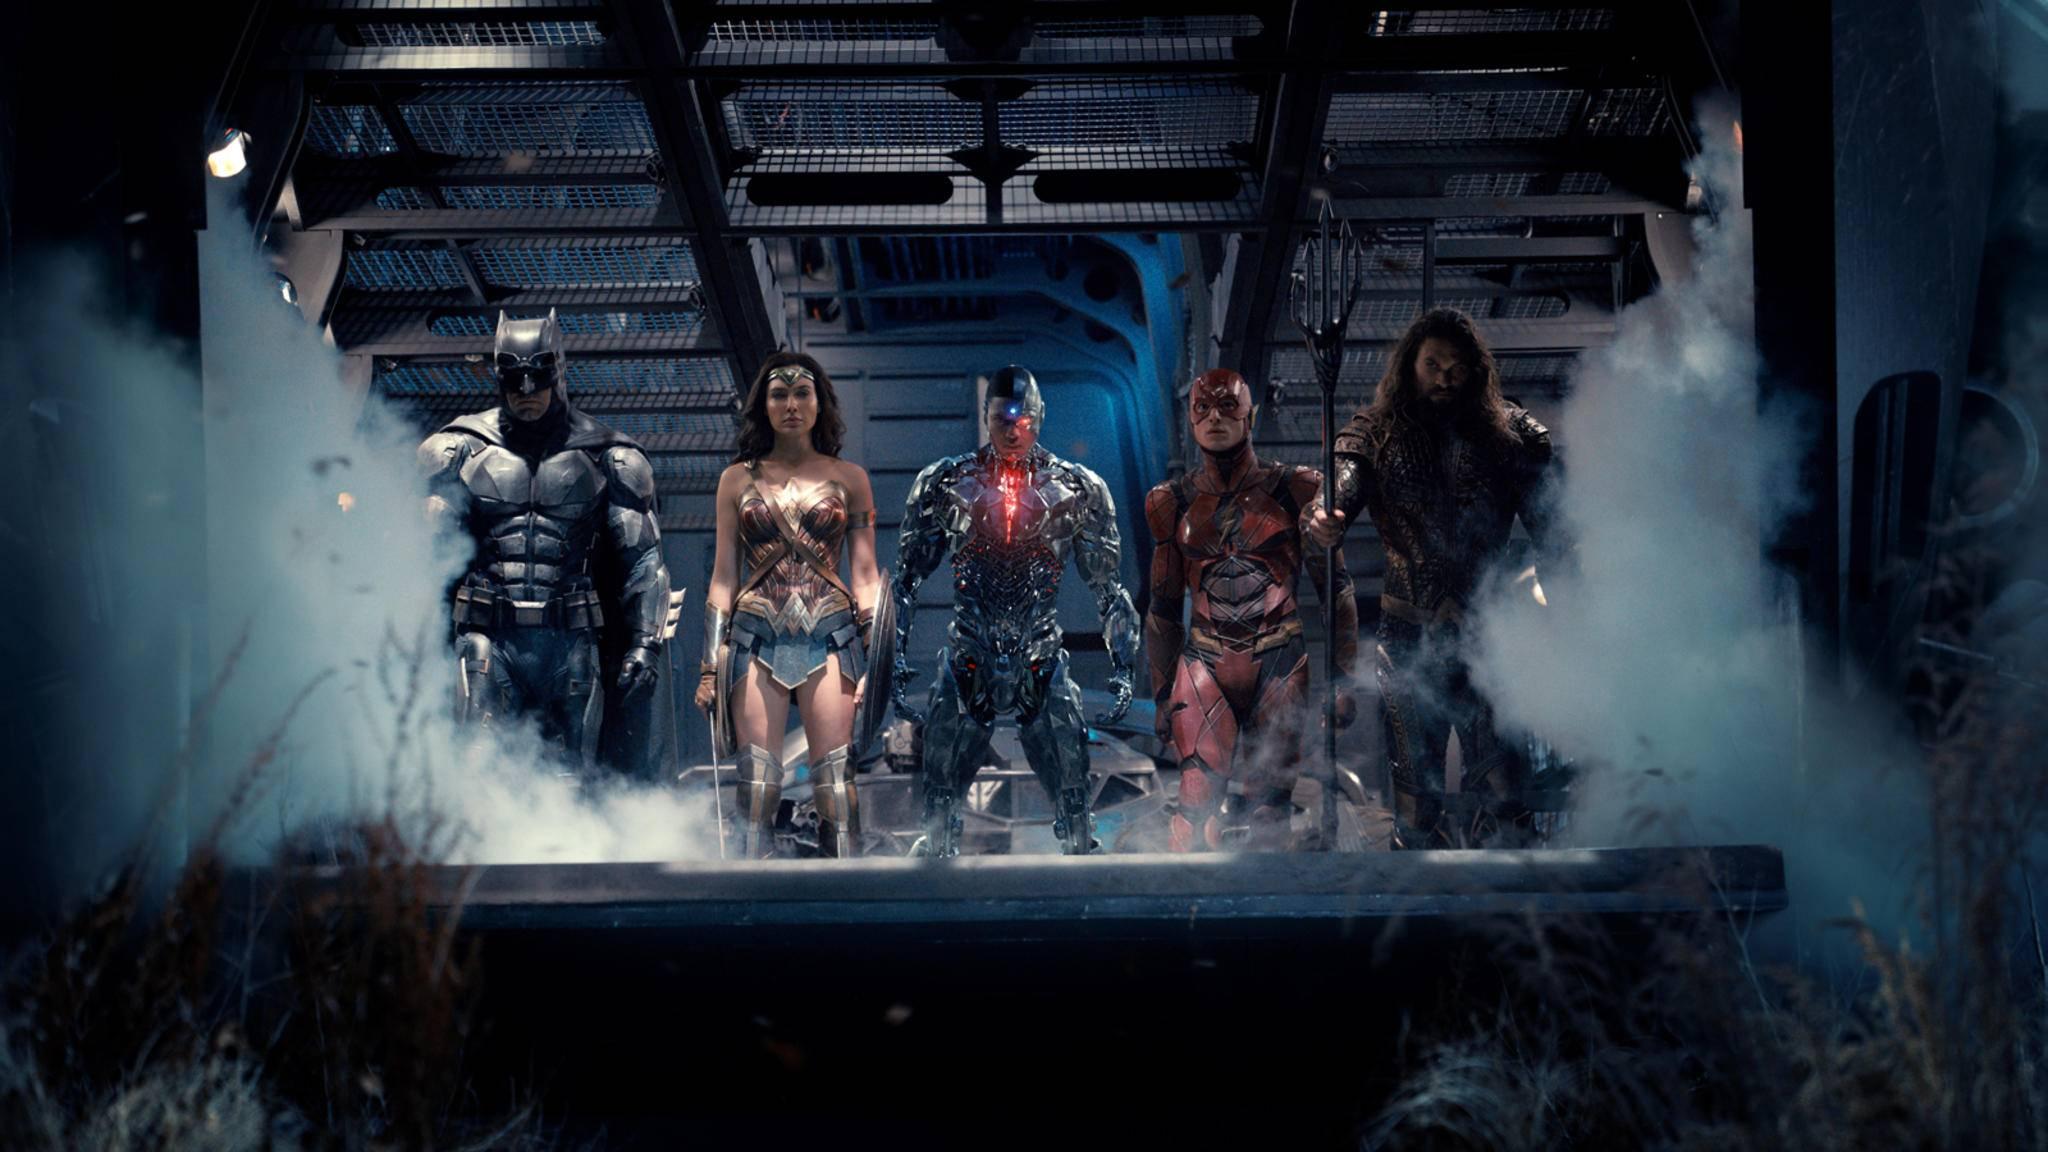 """#ReleaseTheSnyderCut: Die Fans geben keine Ruhe, sie wollen die Originalfassung von """"Justice League"""" sehen!"""